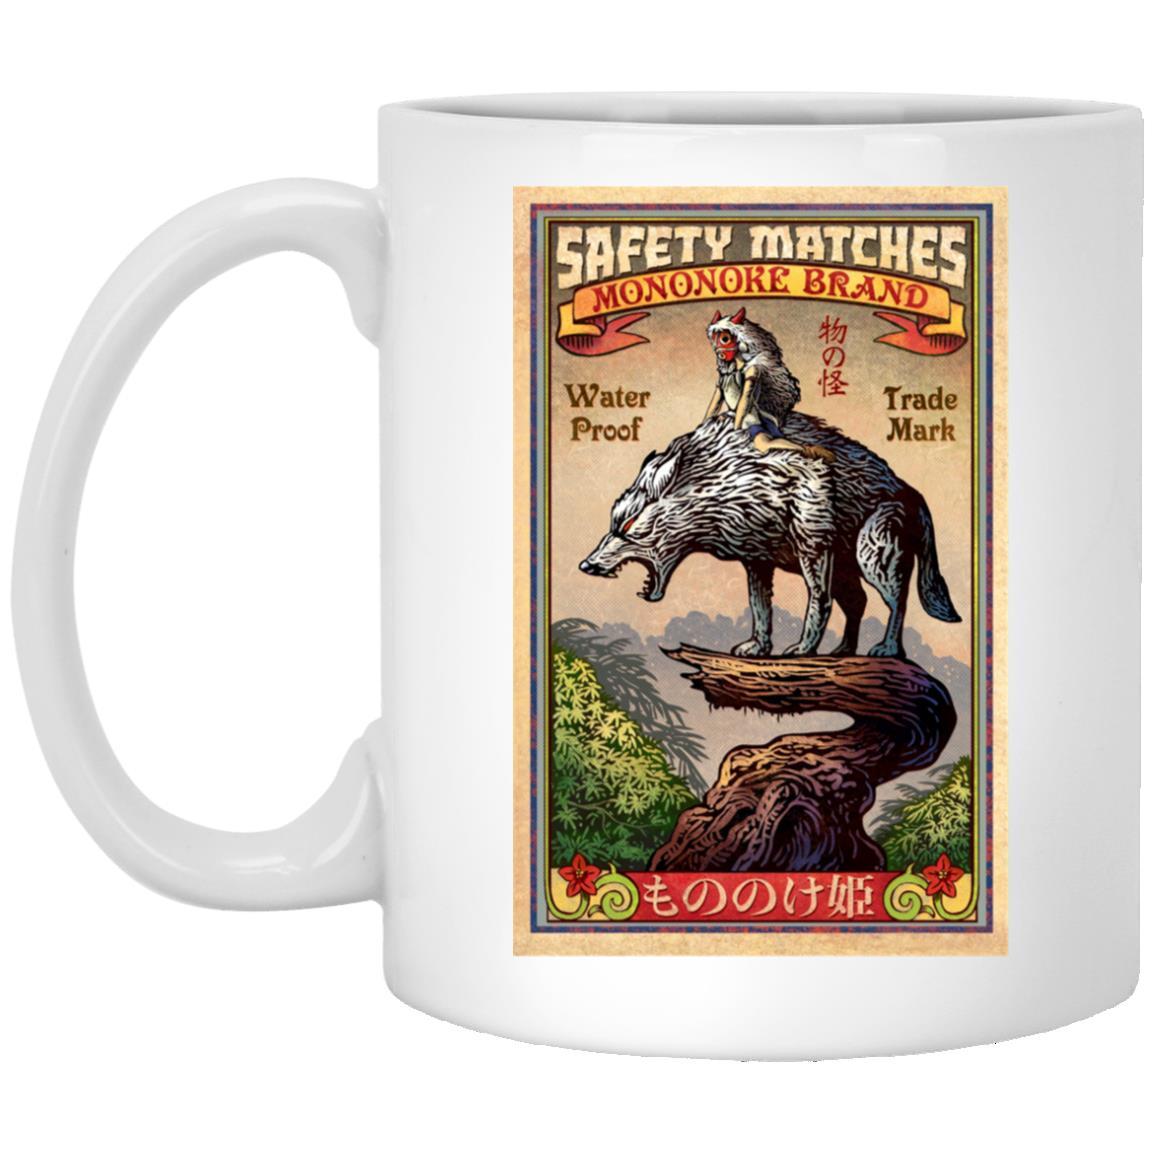 Princess  Mononoke and The Wofl on Top Mug